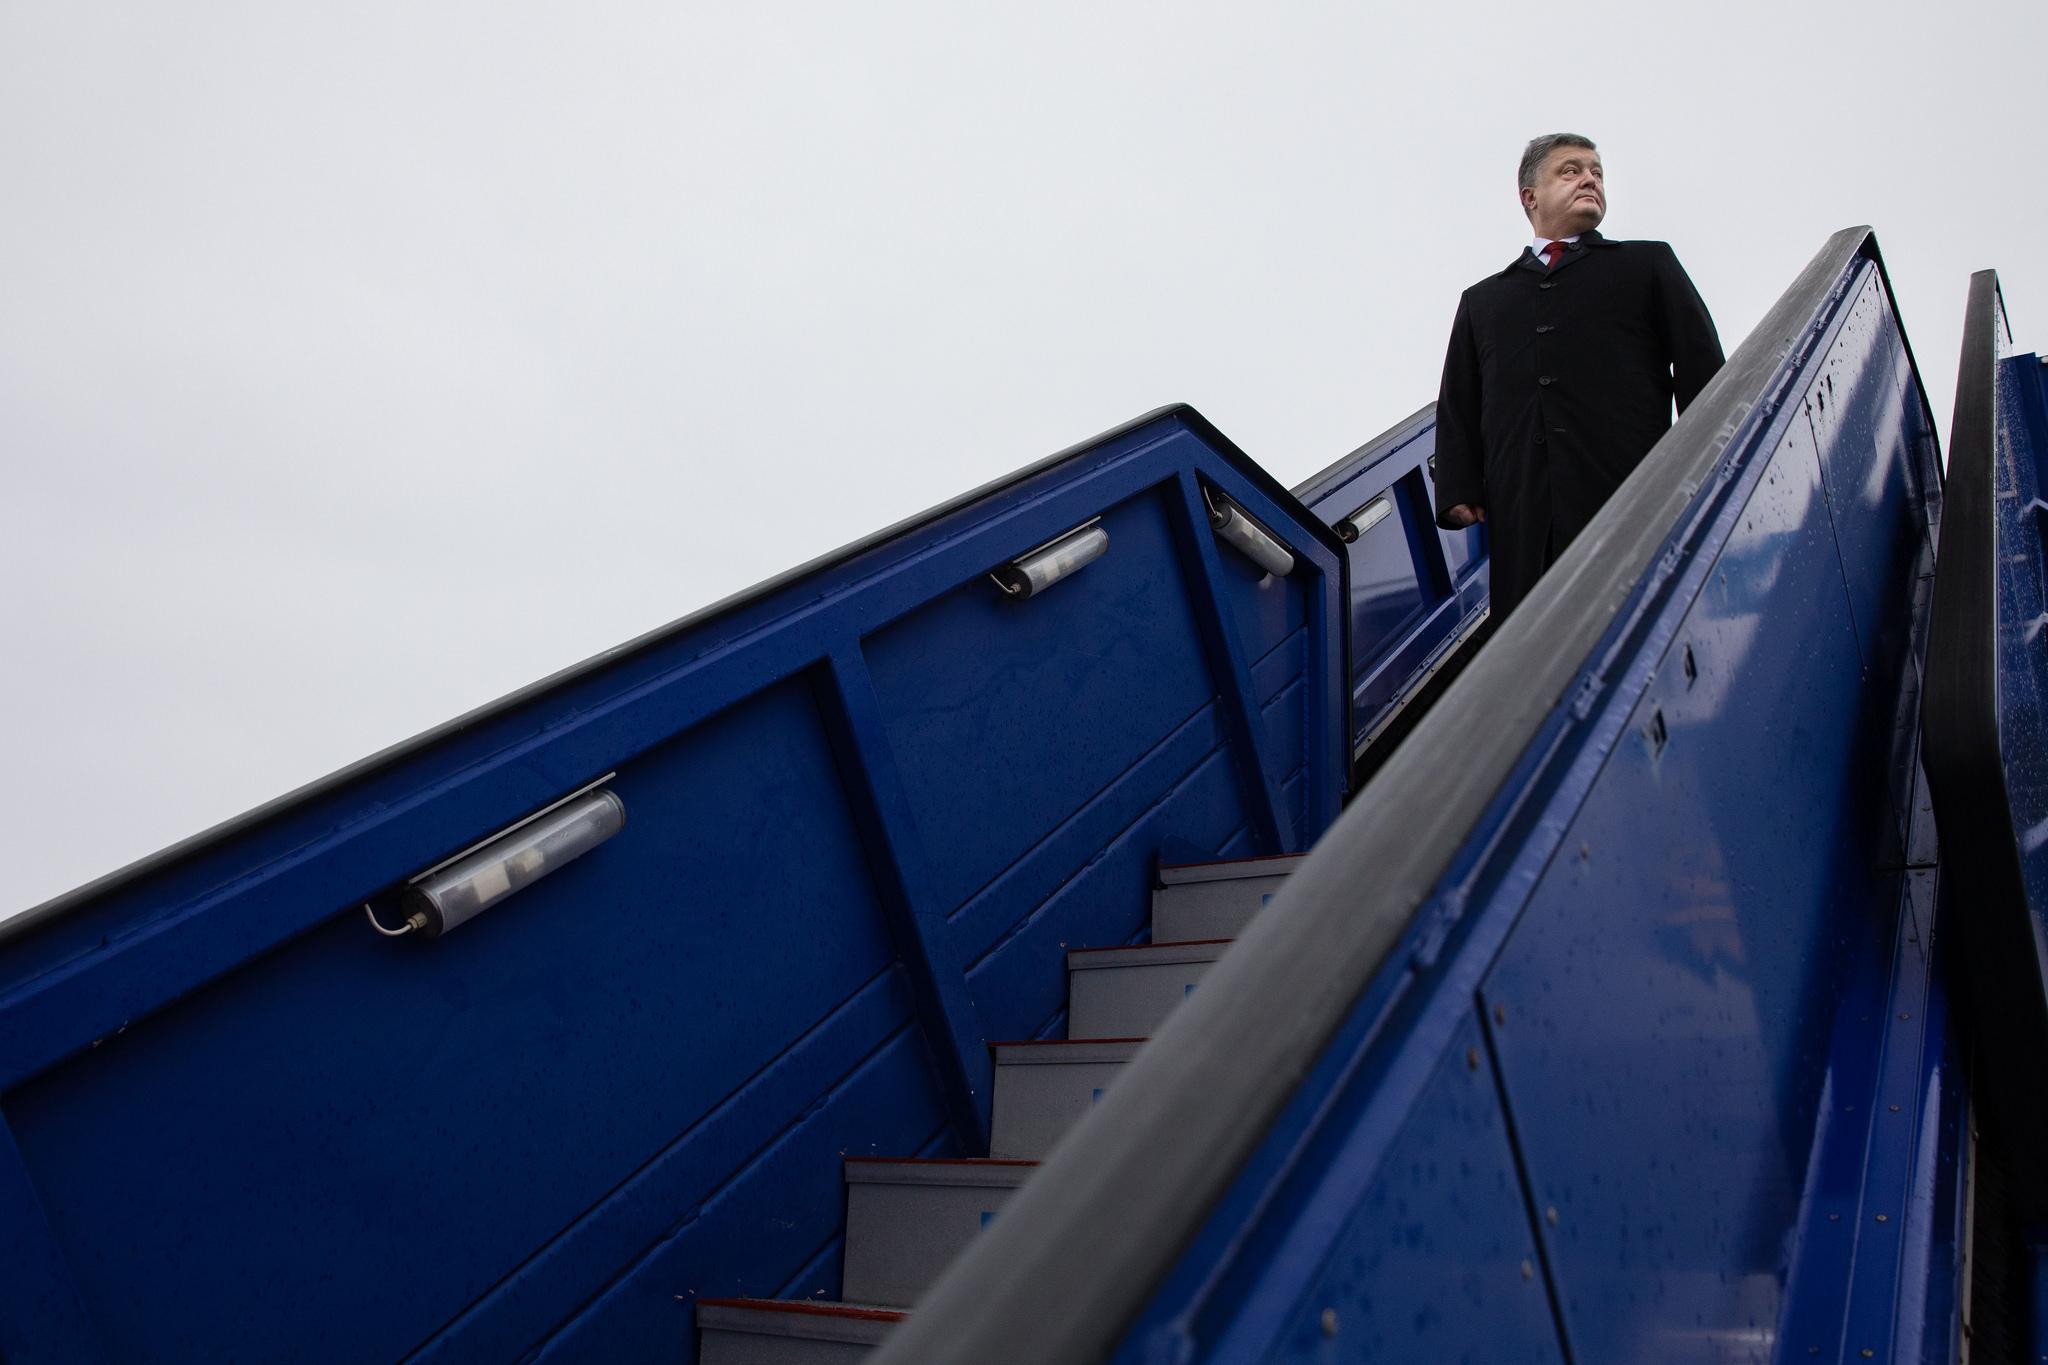 Порошенко назвал поставки русского газа гибридной войной 08июня 2017 13:55